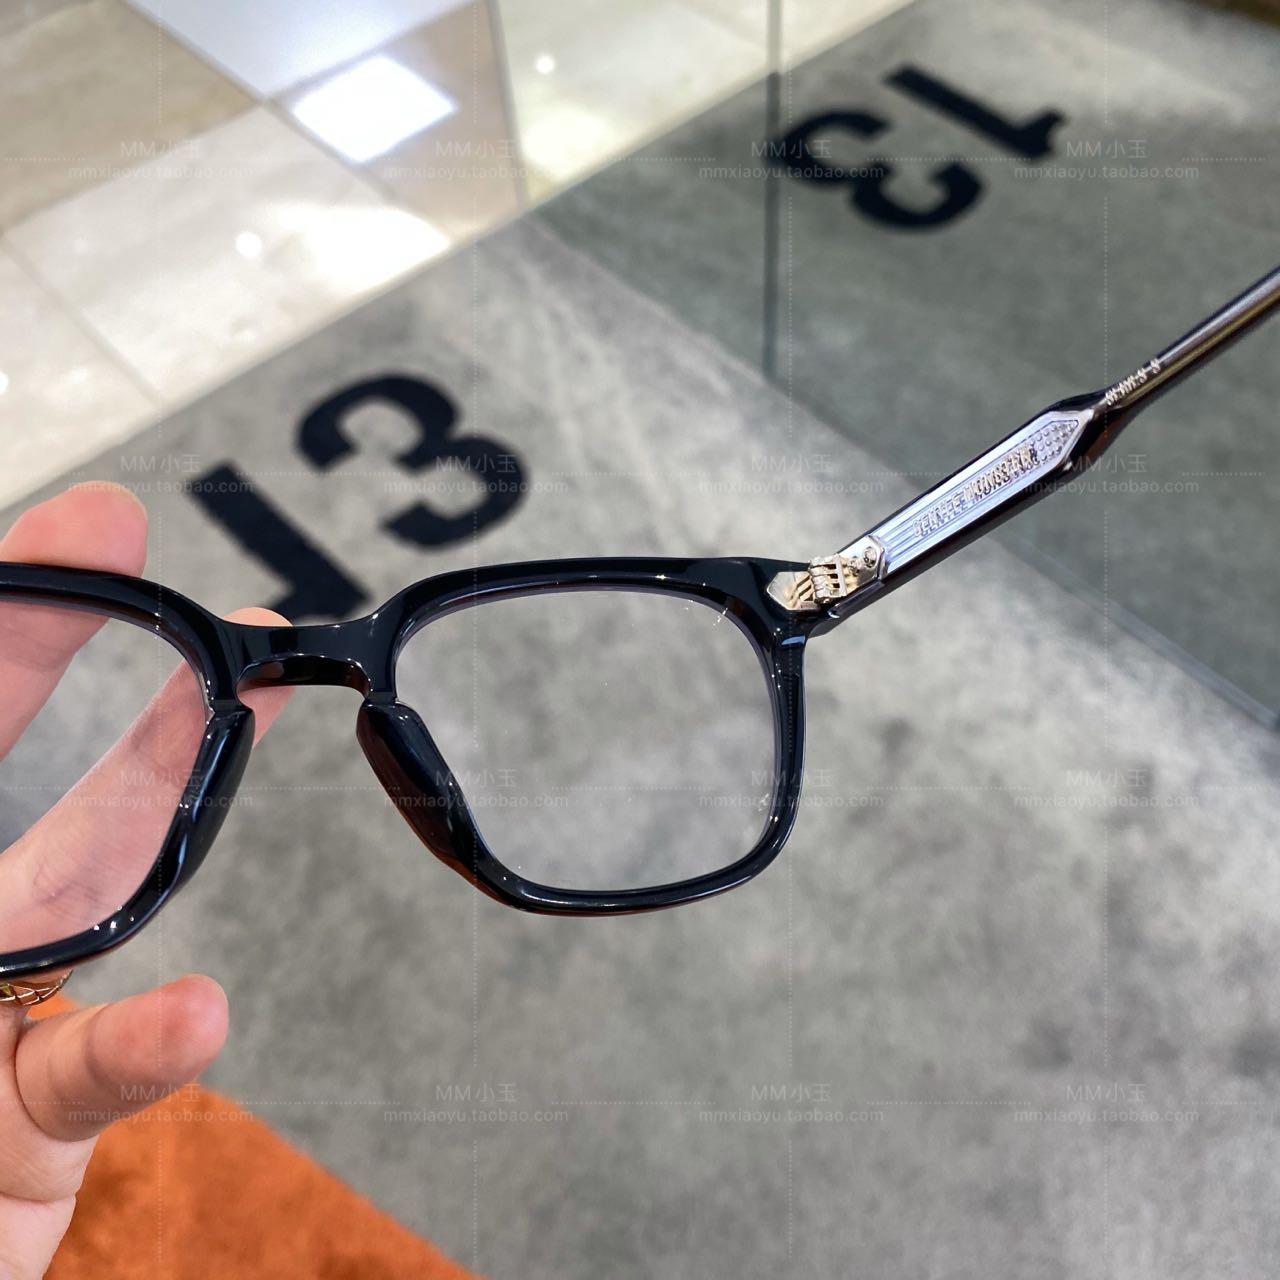 木林森【KUBO】 GM GENTLE MONSTER素顏神器透明鏡架眼鏡框朱一龍